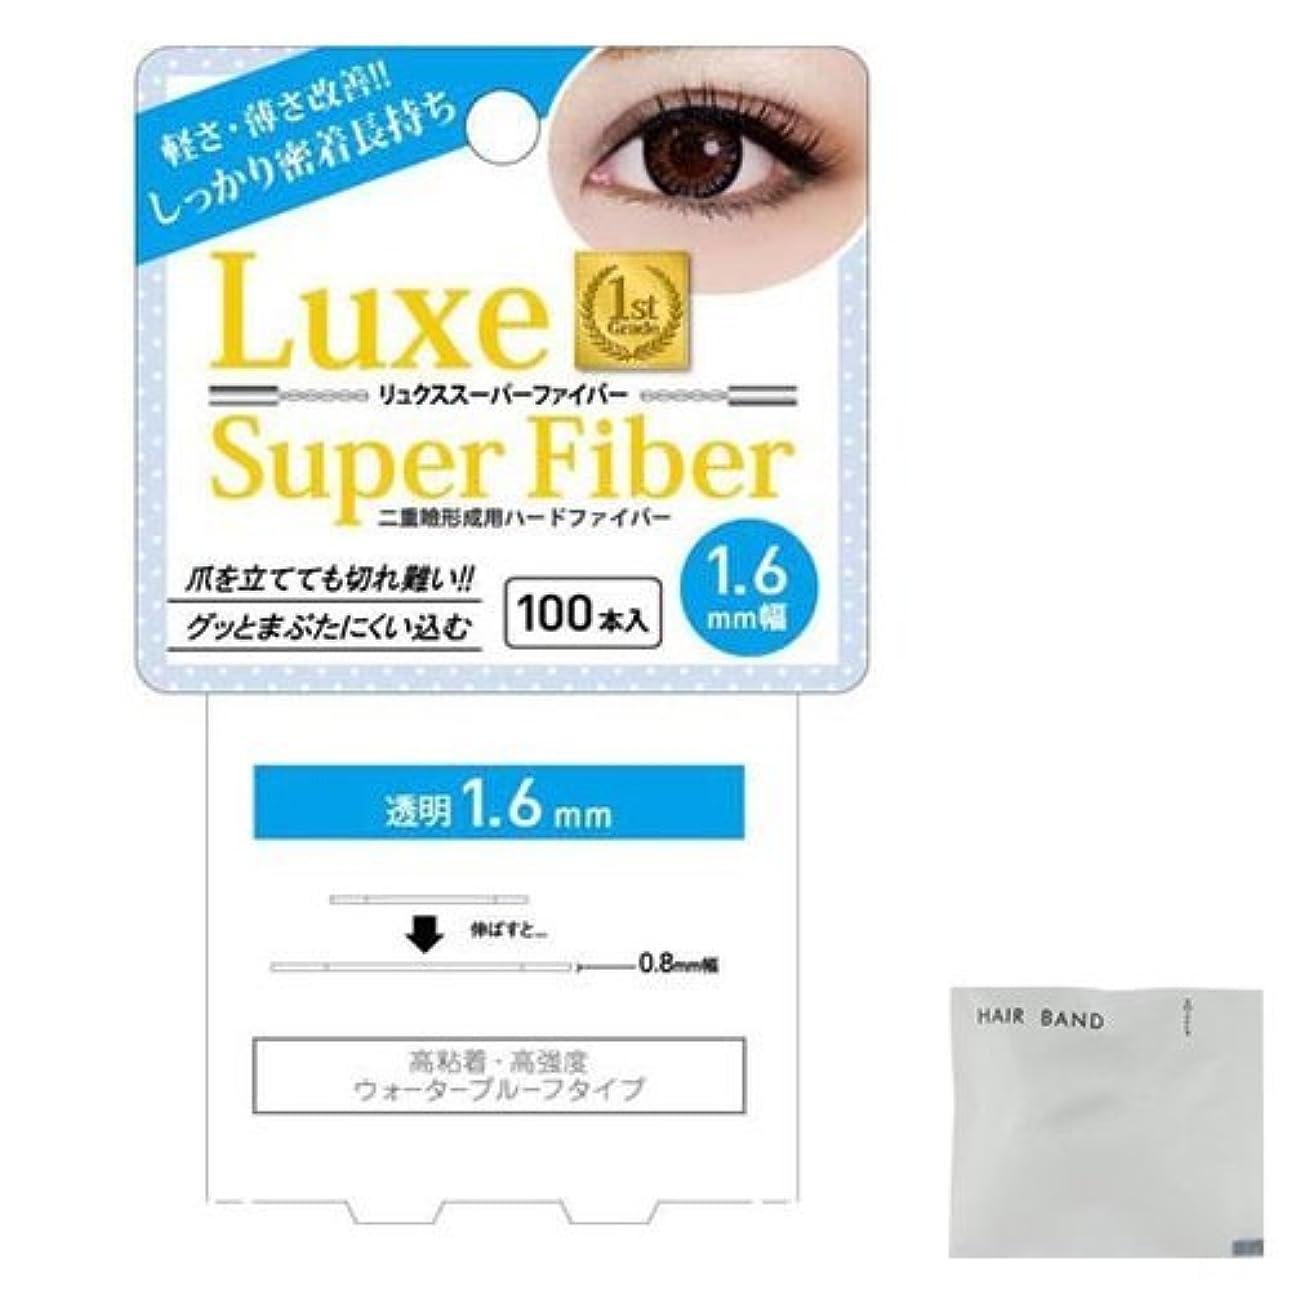 ラッカス読む病的Luxe スーパーファイバーⅡ (Super Fiber) クリア1.6mm + ヘアゴム(カラーはおまかせ)セット